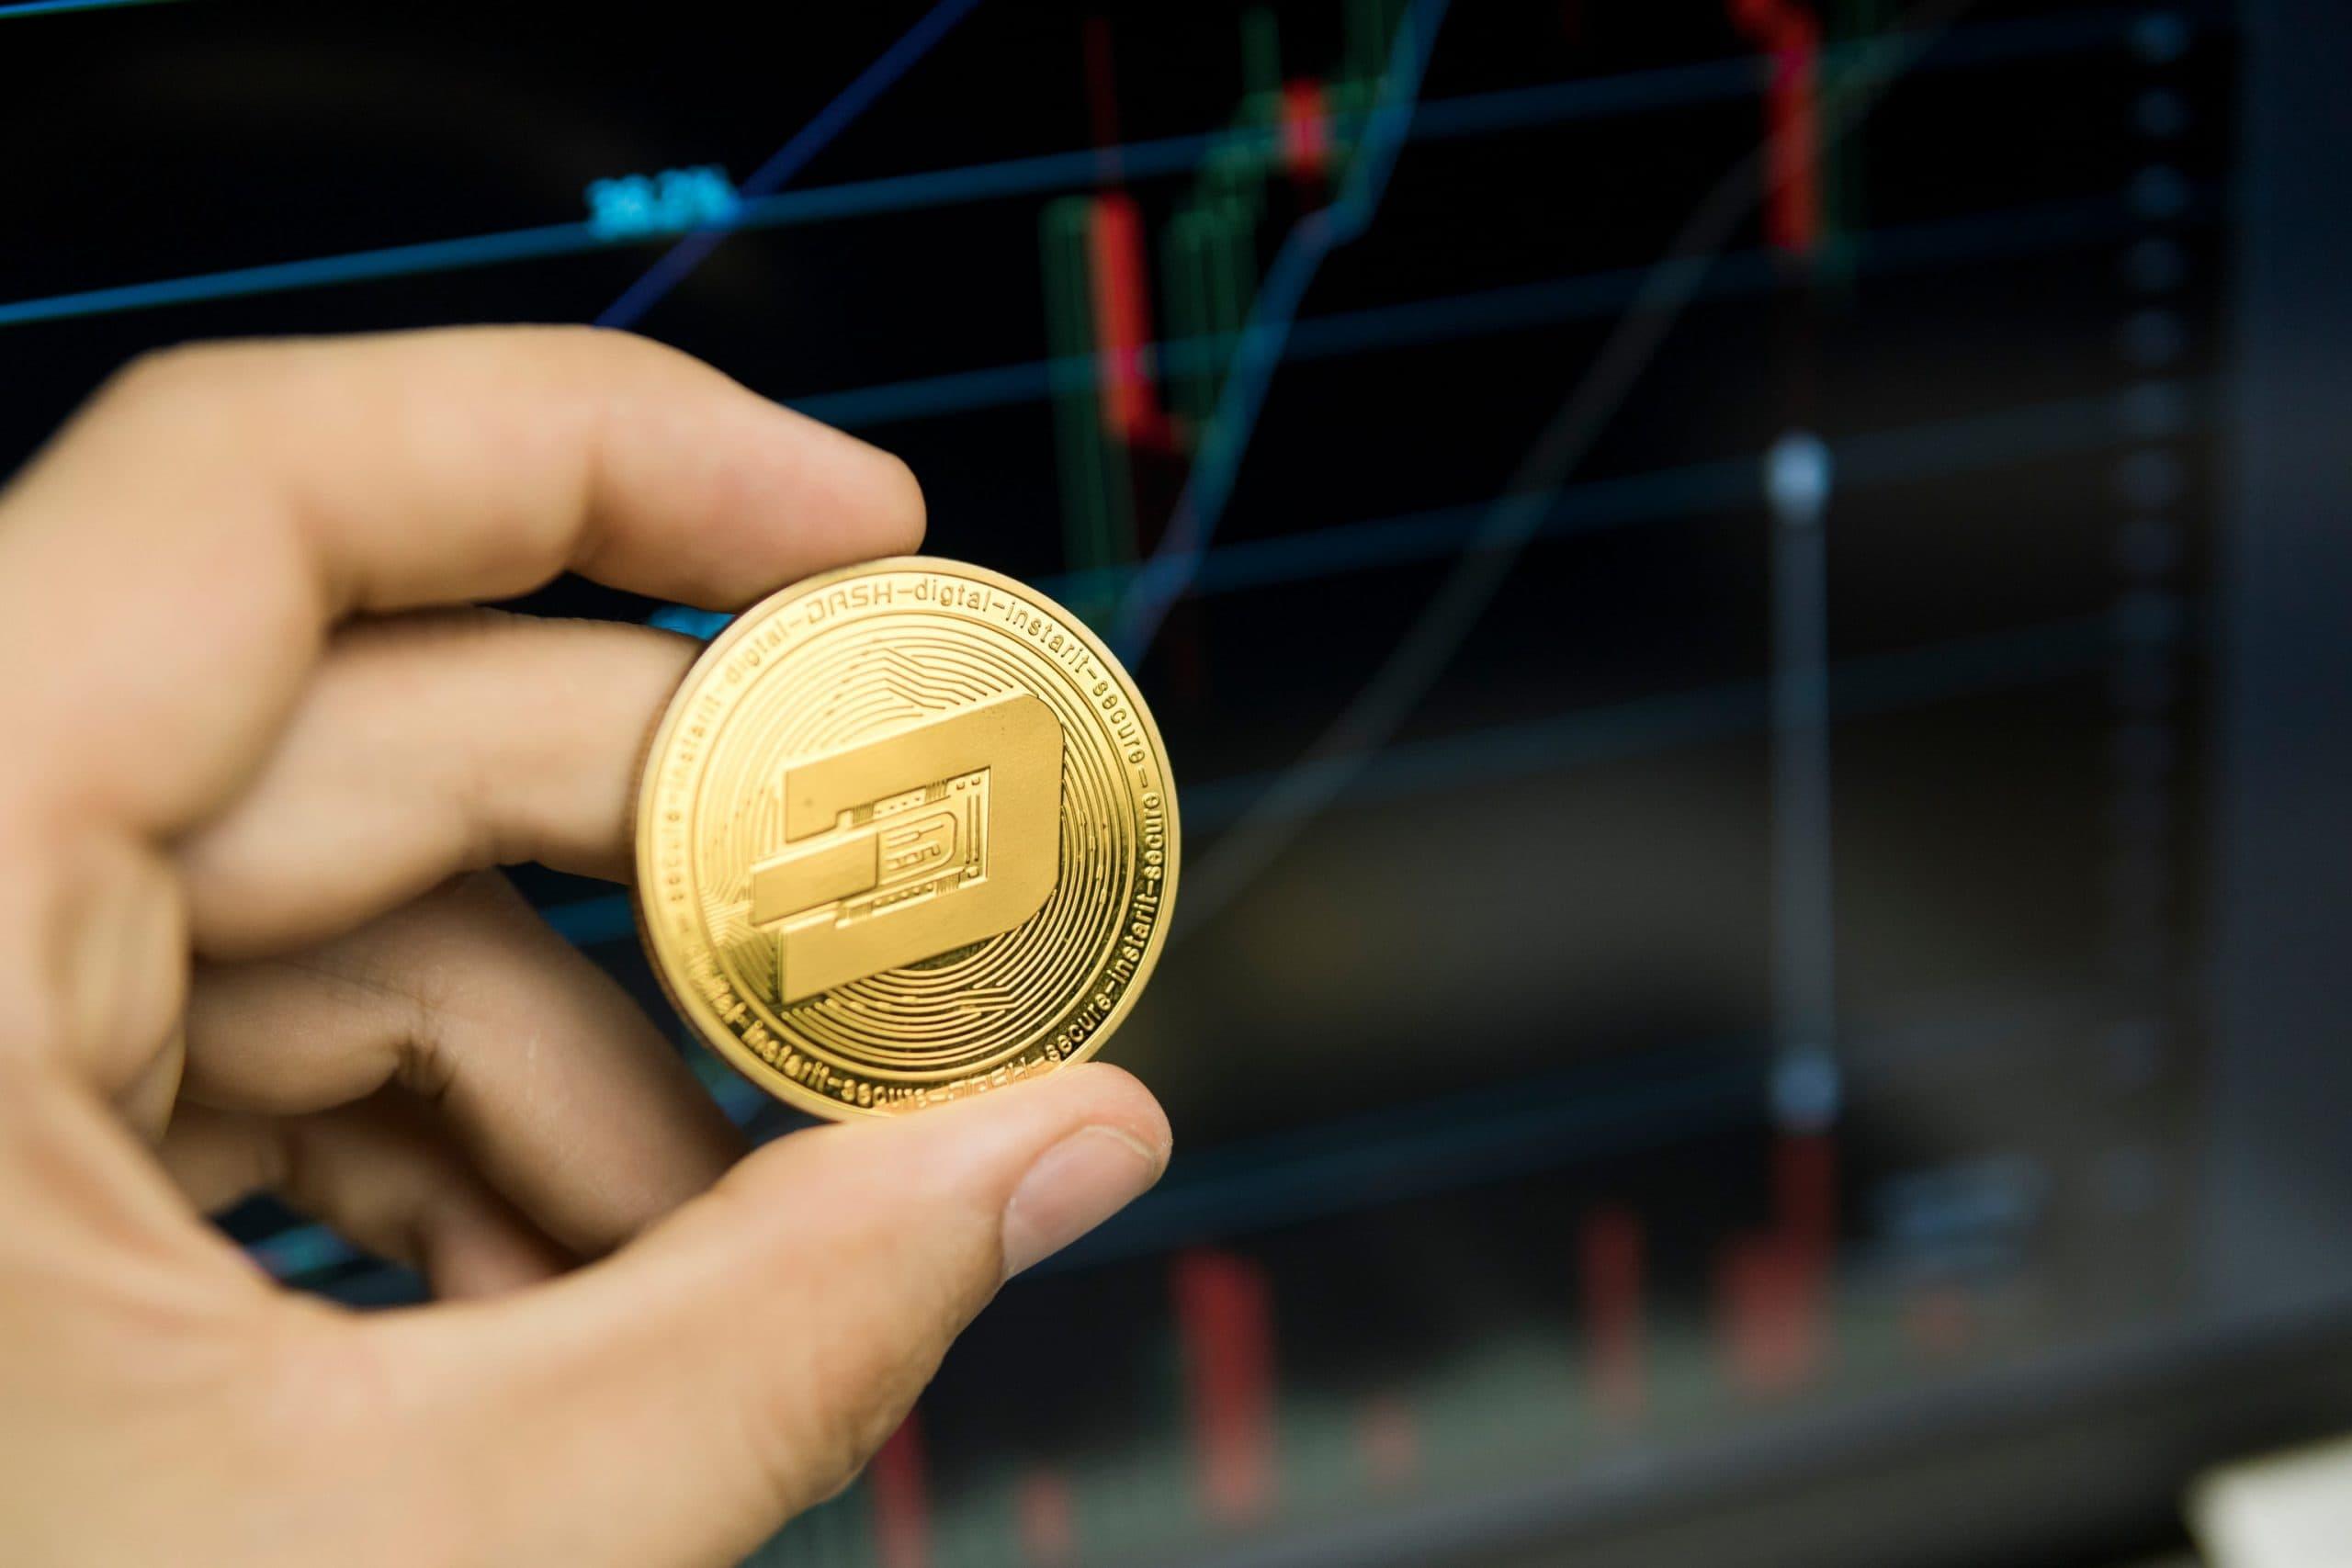 Comment faire : Bittrex supprime la confidentialité des pièces de monnaie Dash, Monero et ZCash